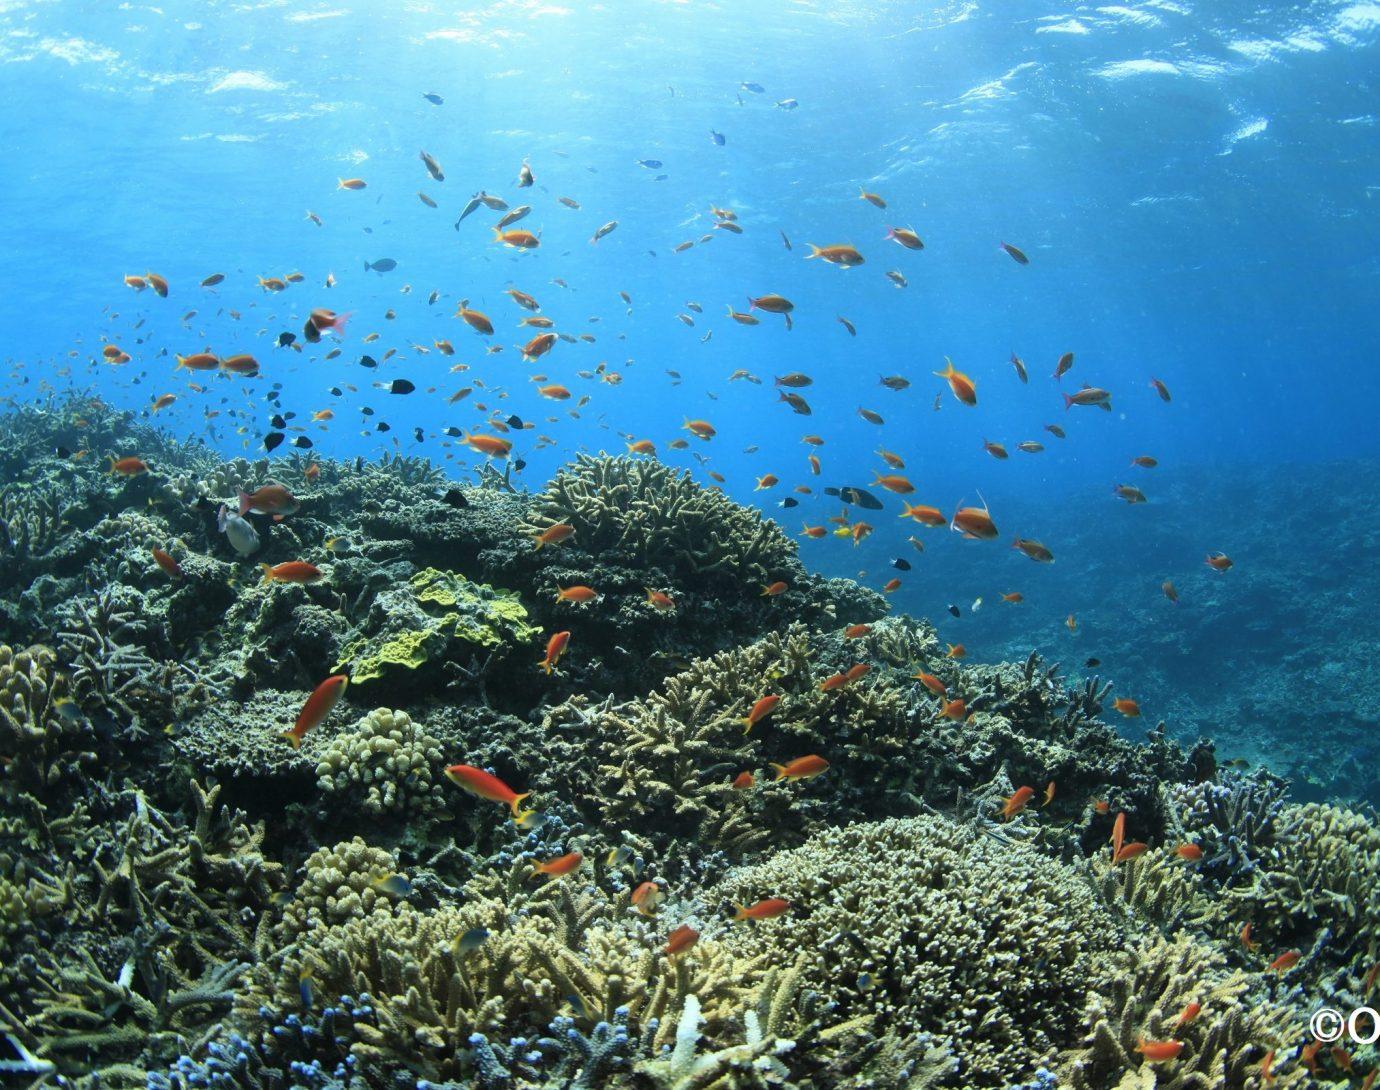 石垣島 海・山・川の絶景、グルメも充実!心地よい南風の中で過ごす石垣島